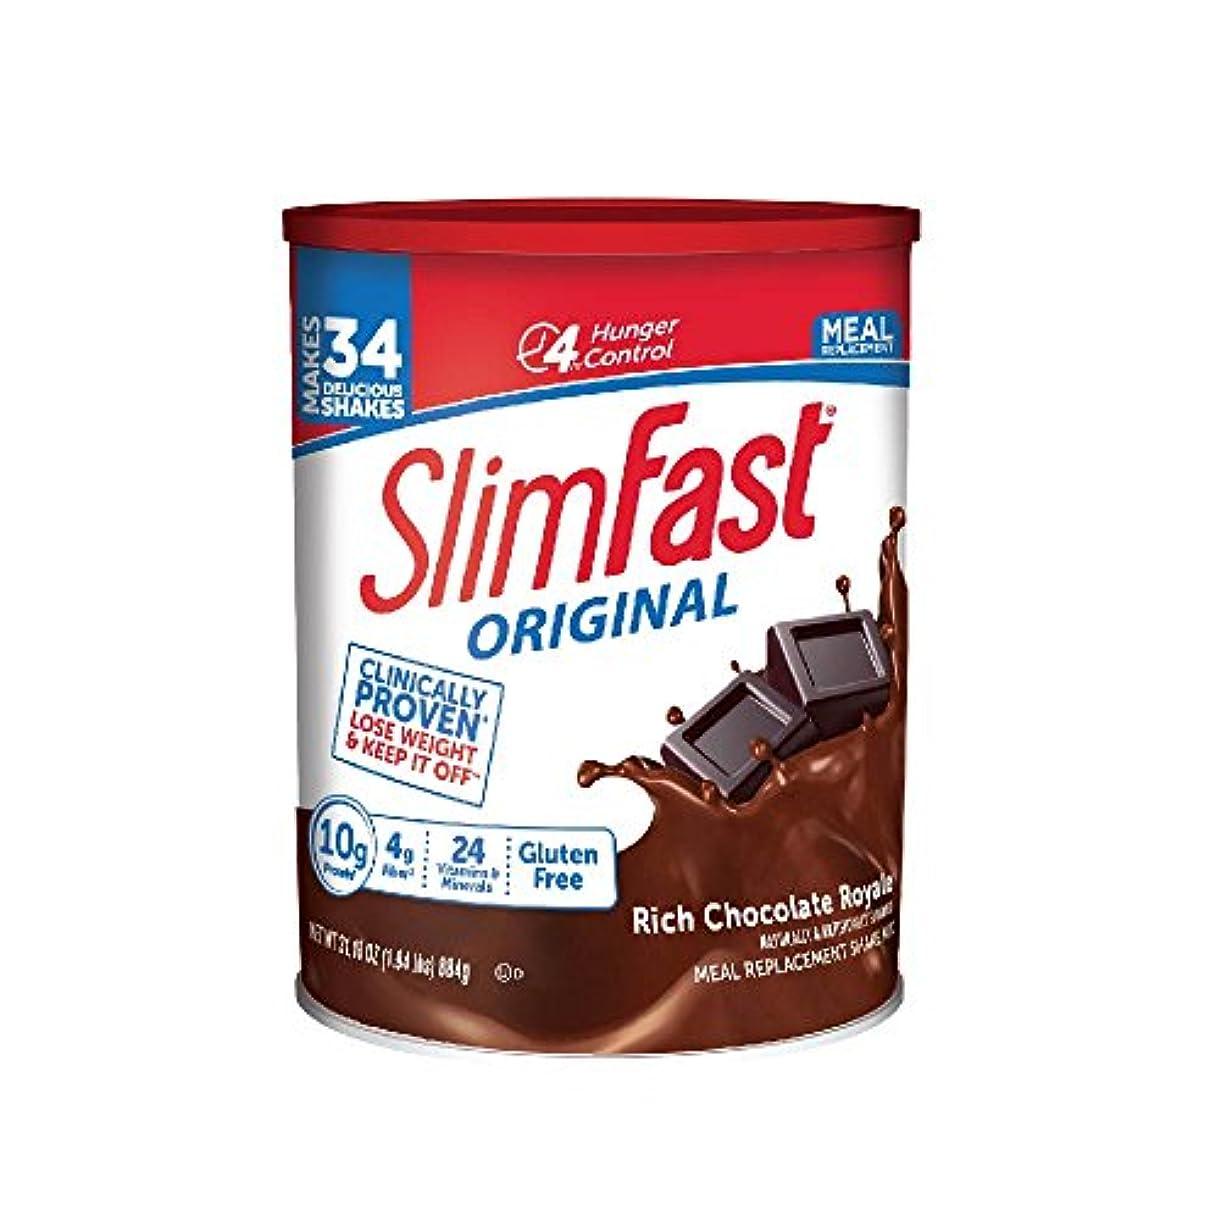 進捗自動的に世界記録のギネスブック海外直送品 SlimFast スリムファースト321 Plan ロイヤルチョコレートシェーク884g